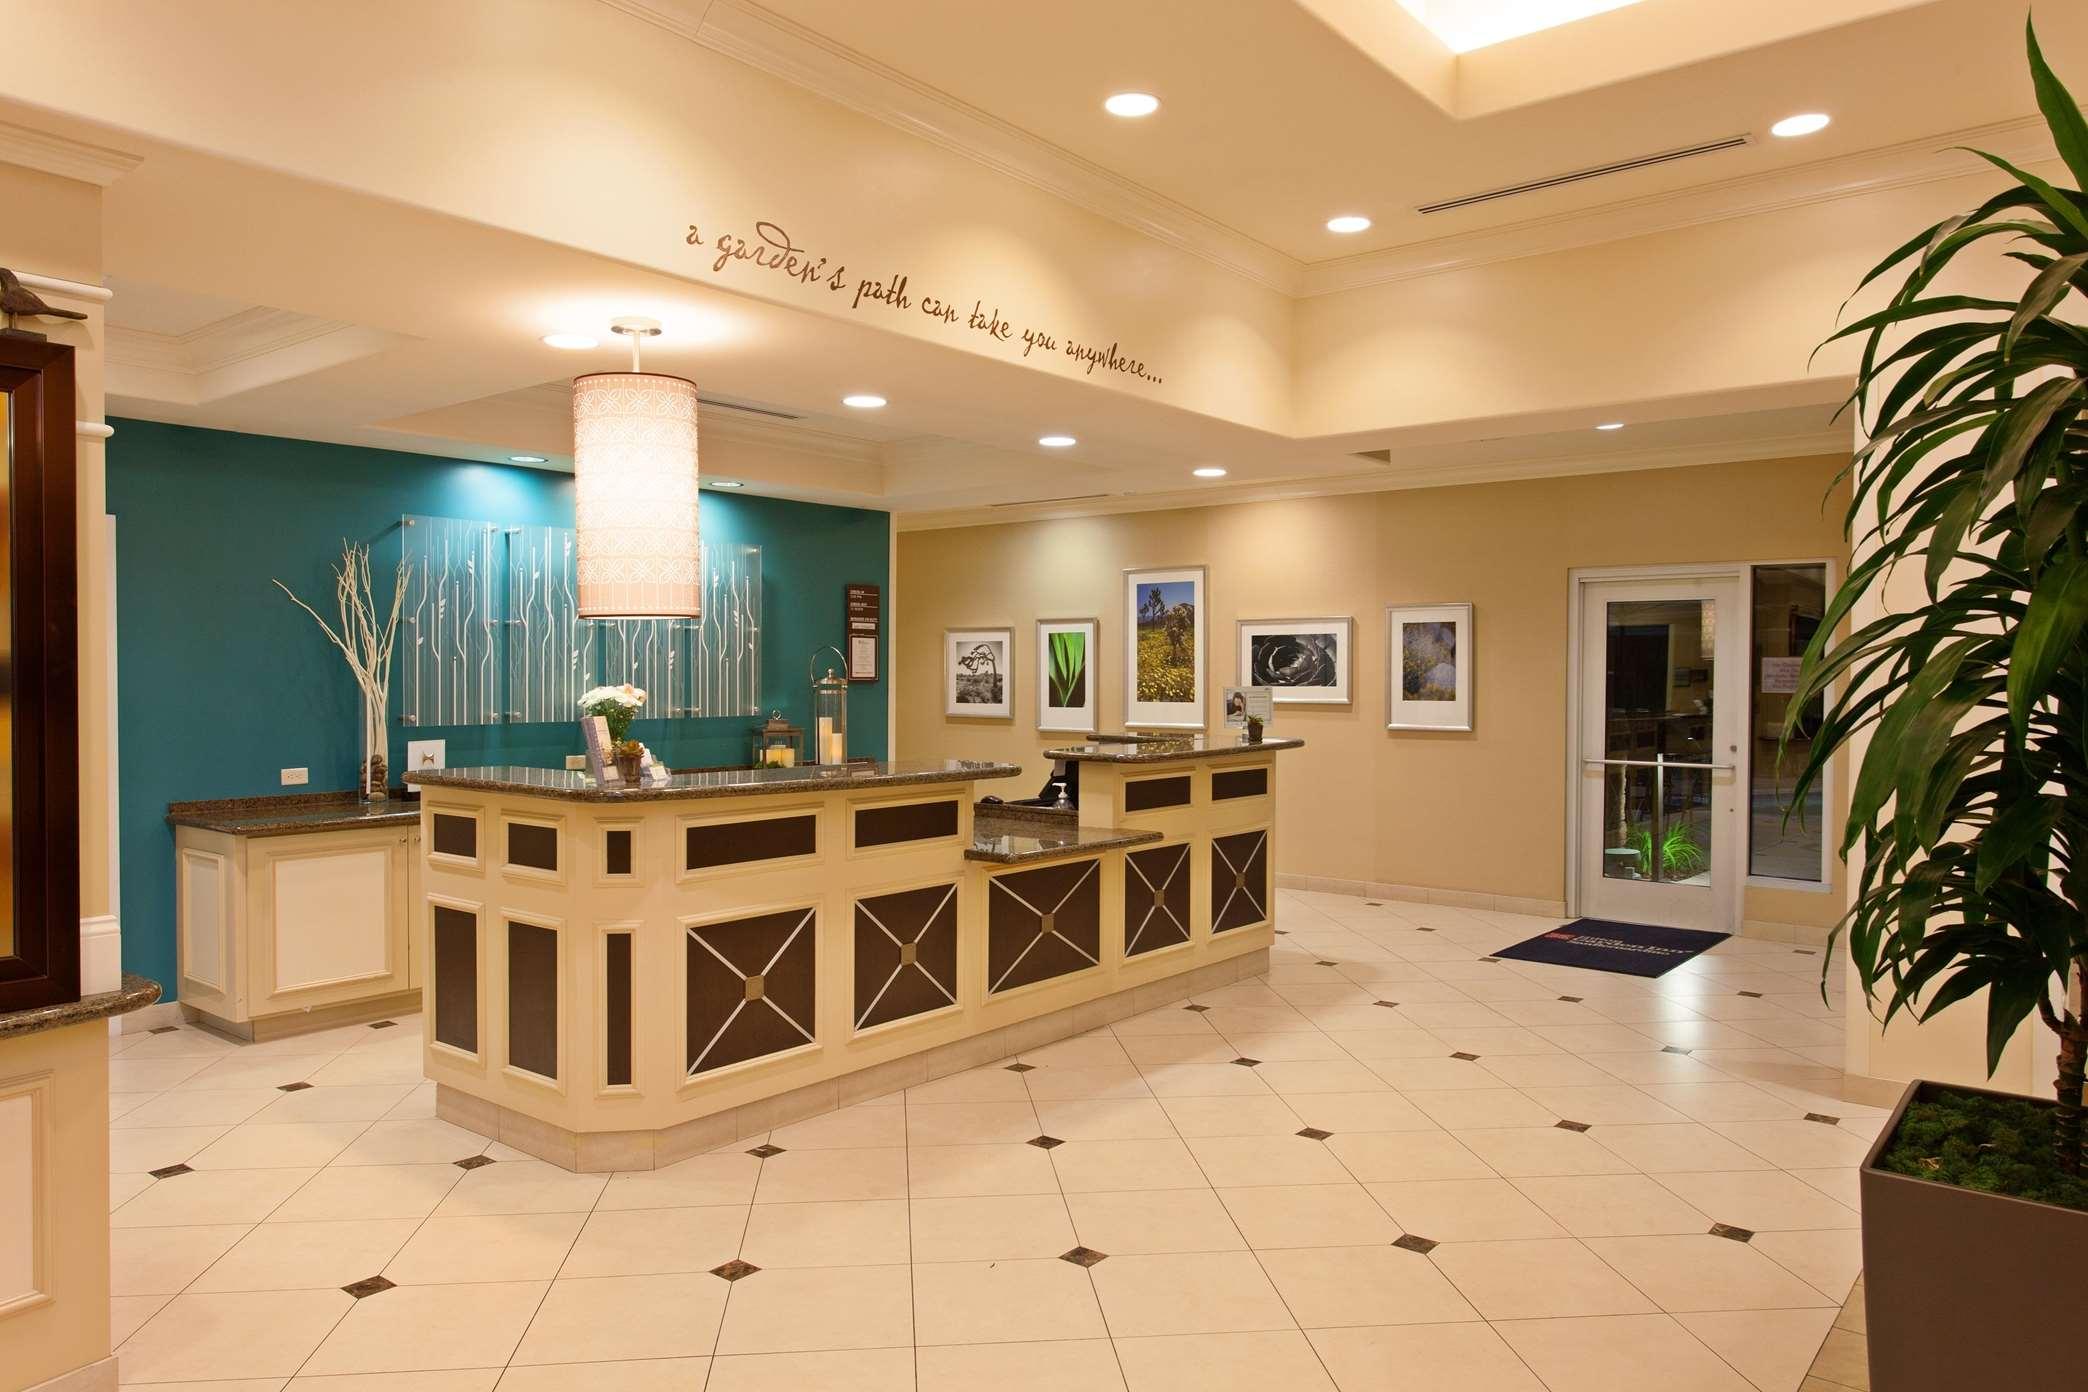 Hilton Garden Inn San Bernardino 1755 S Waterman Ave San Bernardino ...